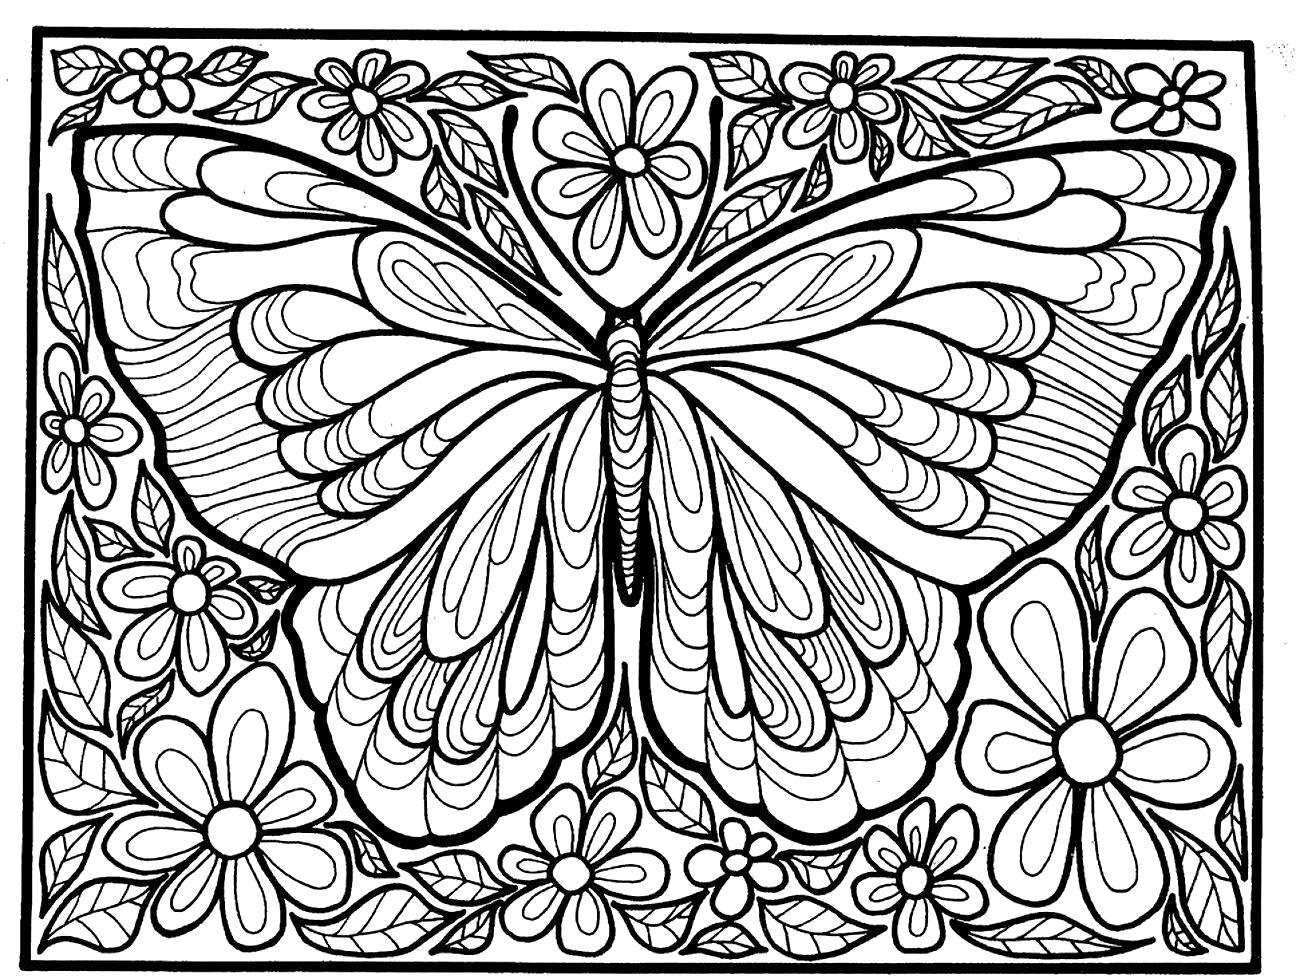 раскраски взрослых раскраска бабочка для взрослых